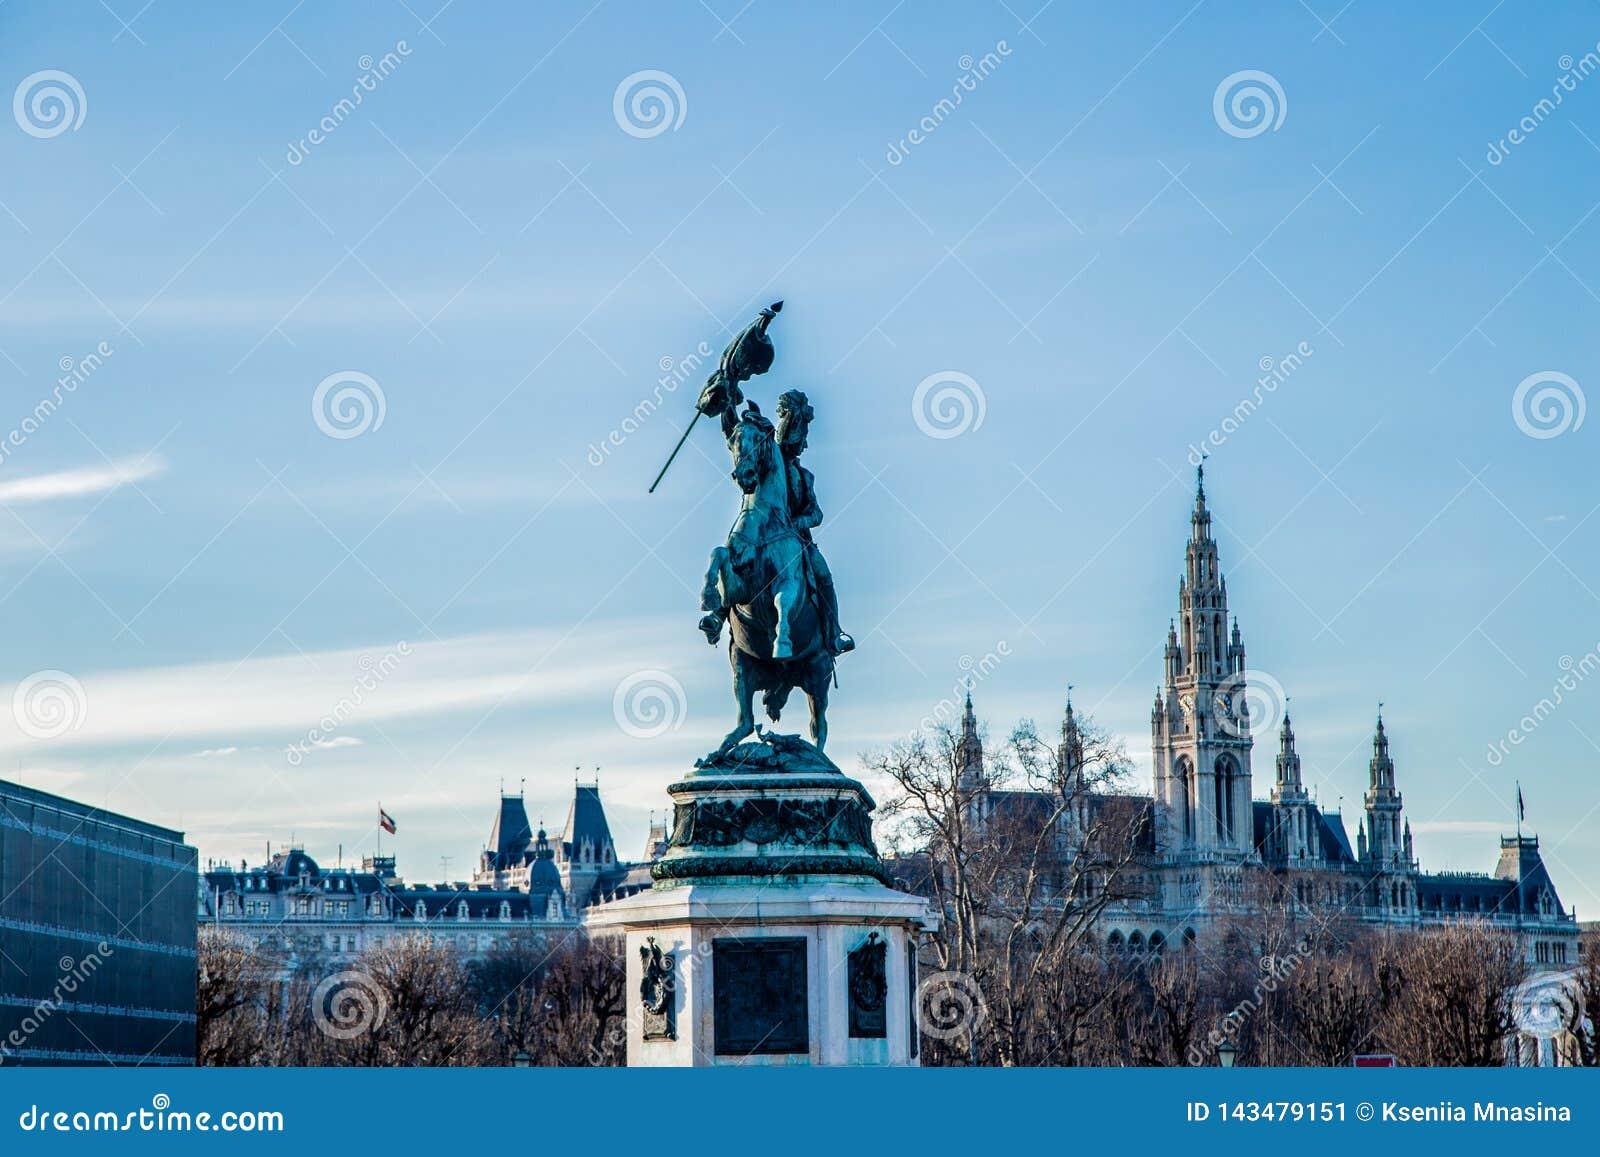 Cavaliere in armatura su un cavallo